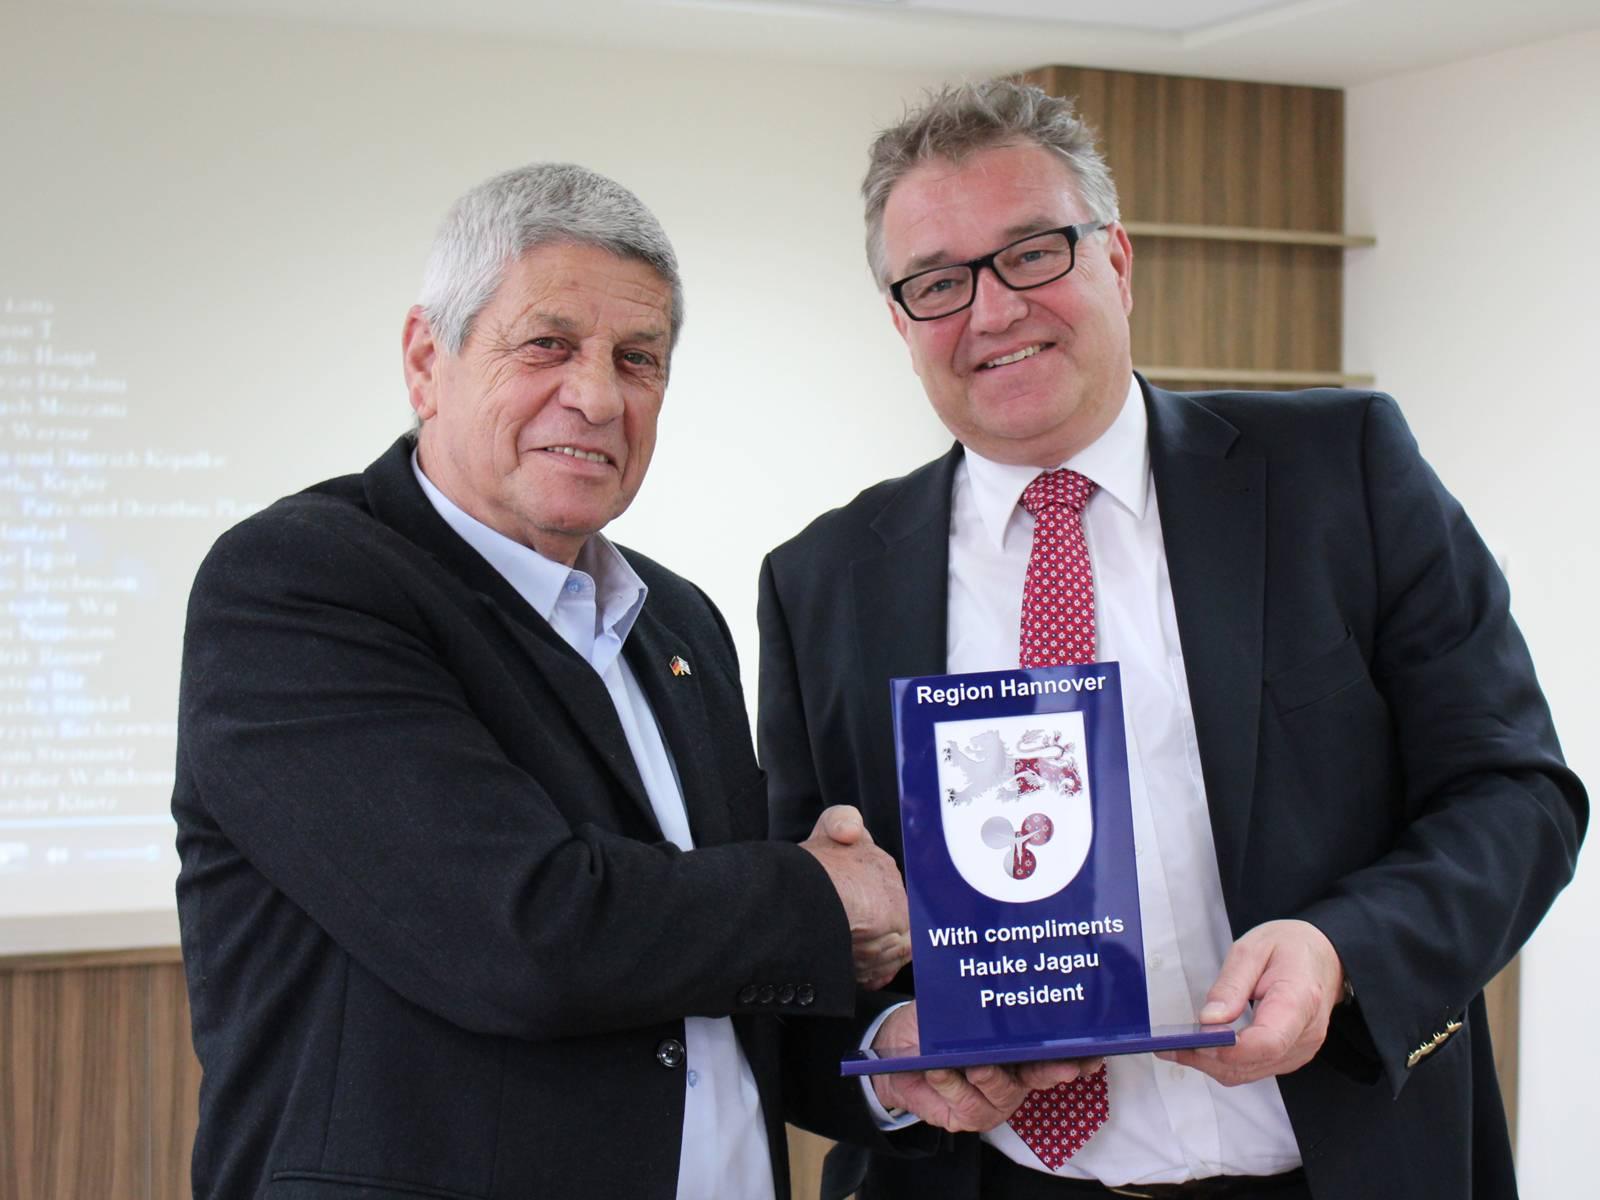 v.lks. Moti Dotan und Regionspräsident Hauke Jagau, der ein Präsent der Region Hannover überreicht